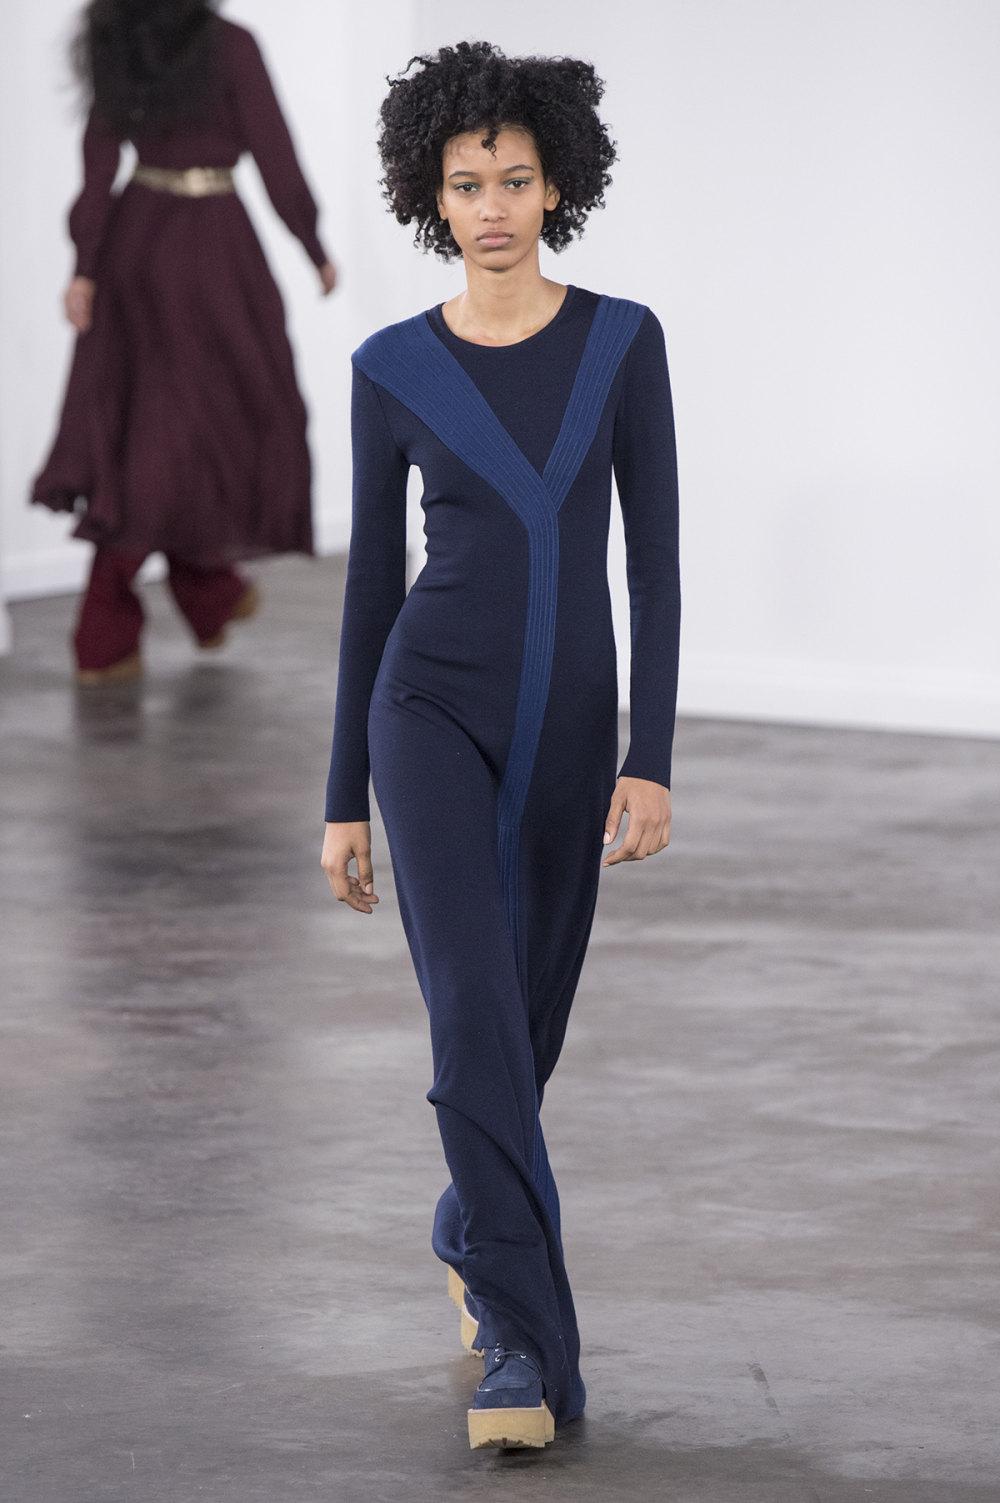 Gabriela Hearst时装系列细条纹西装和宽大毛衣之间形成鲜明对比-18.jpg